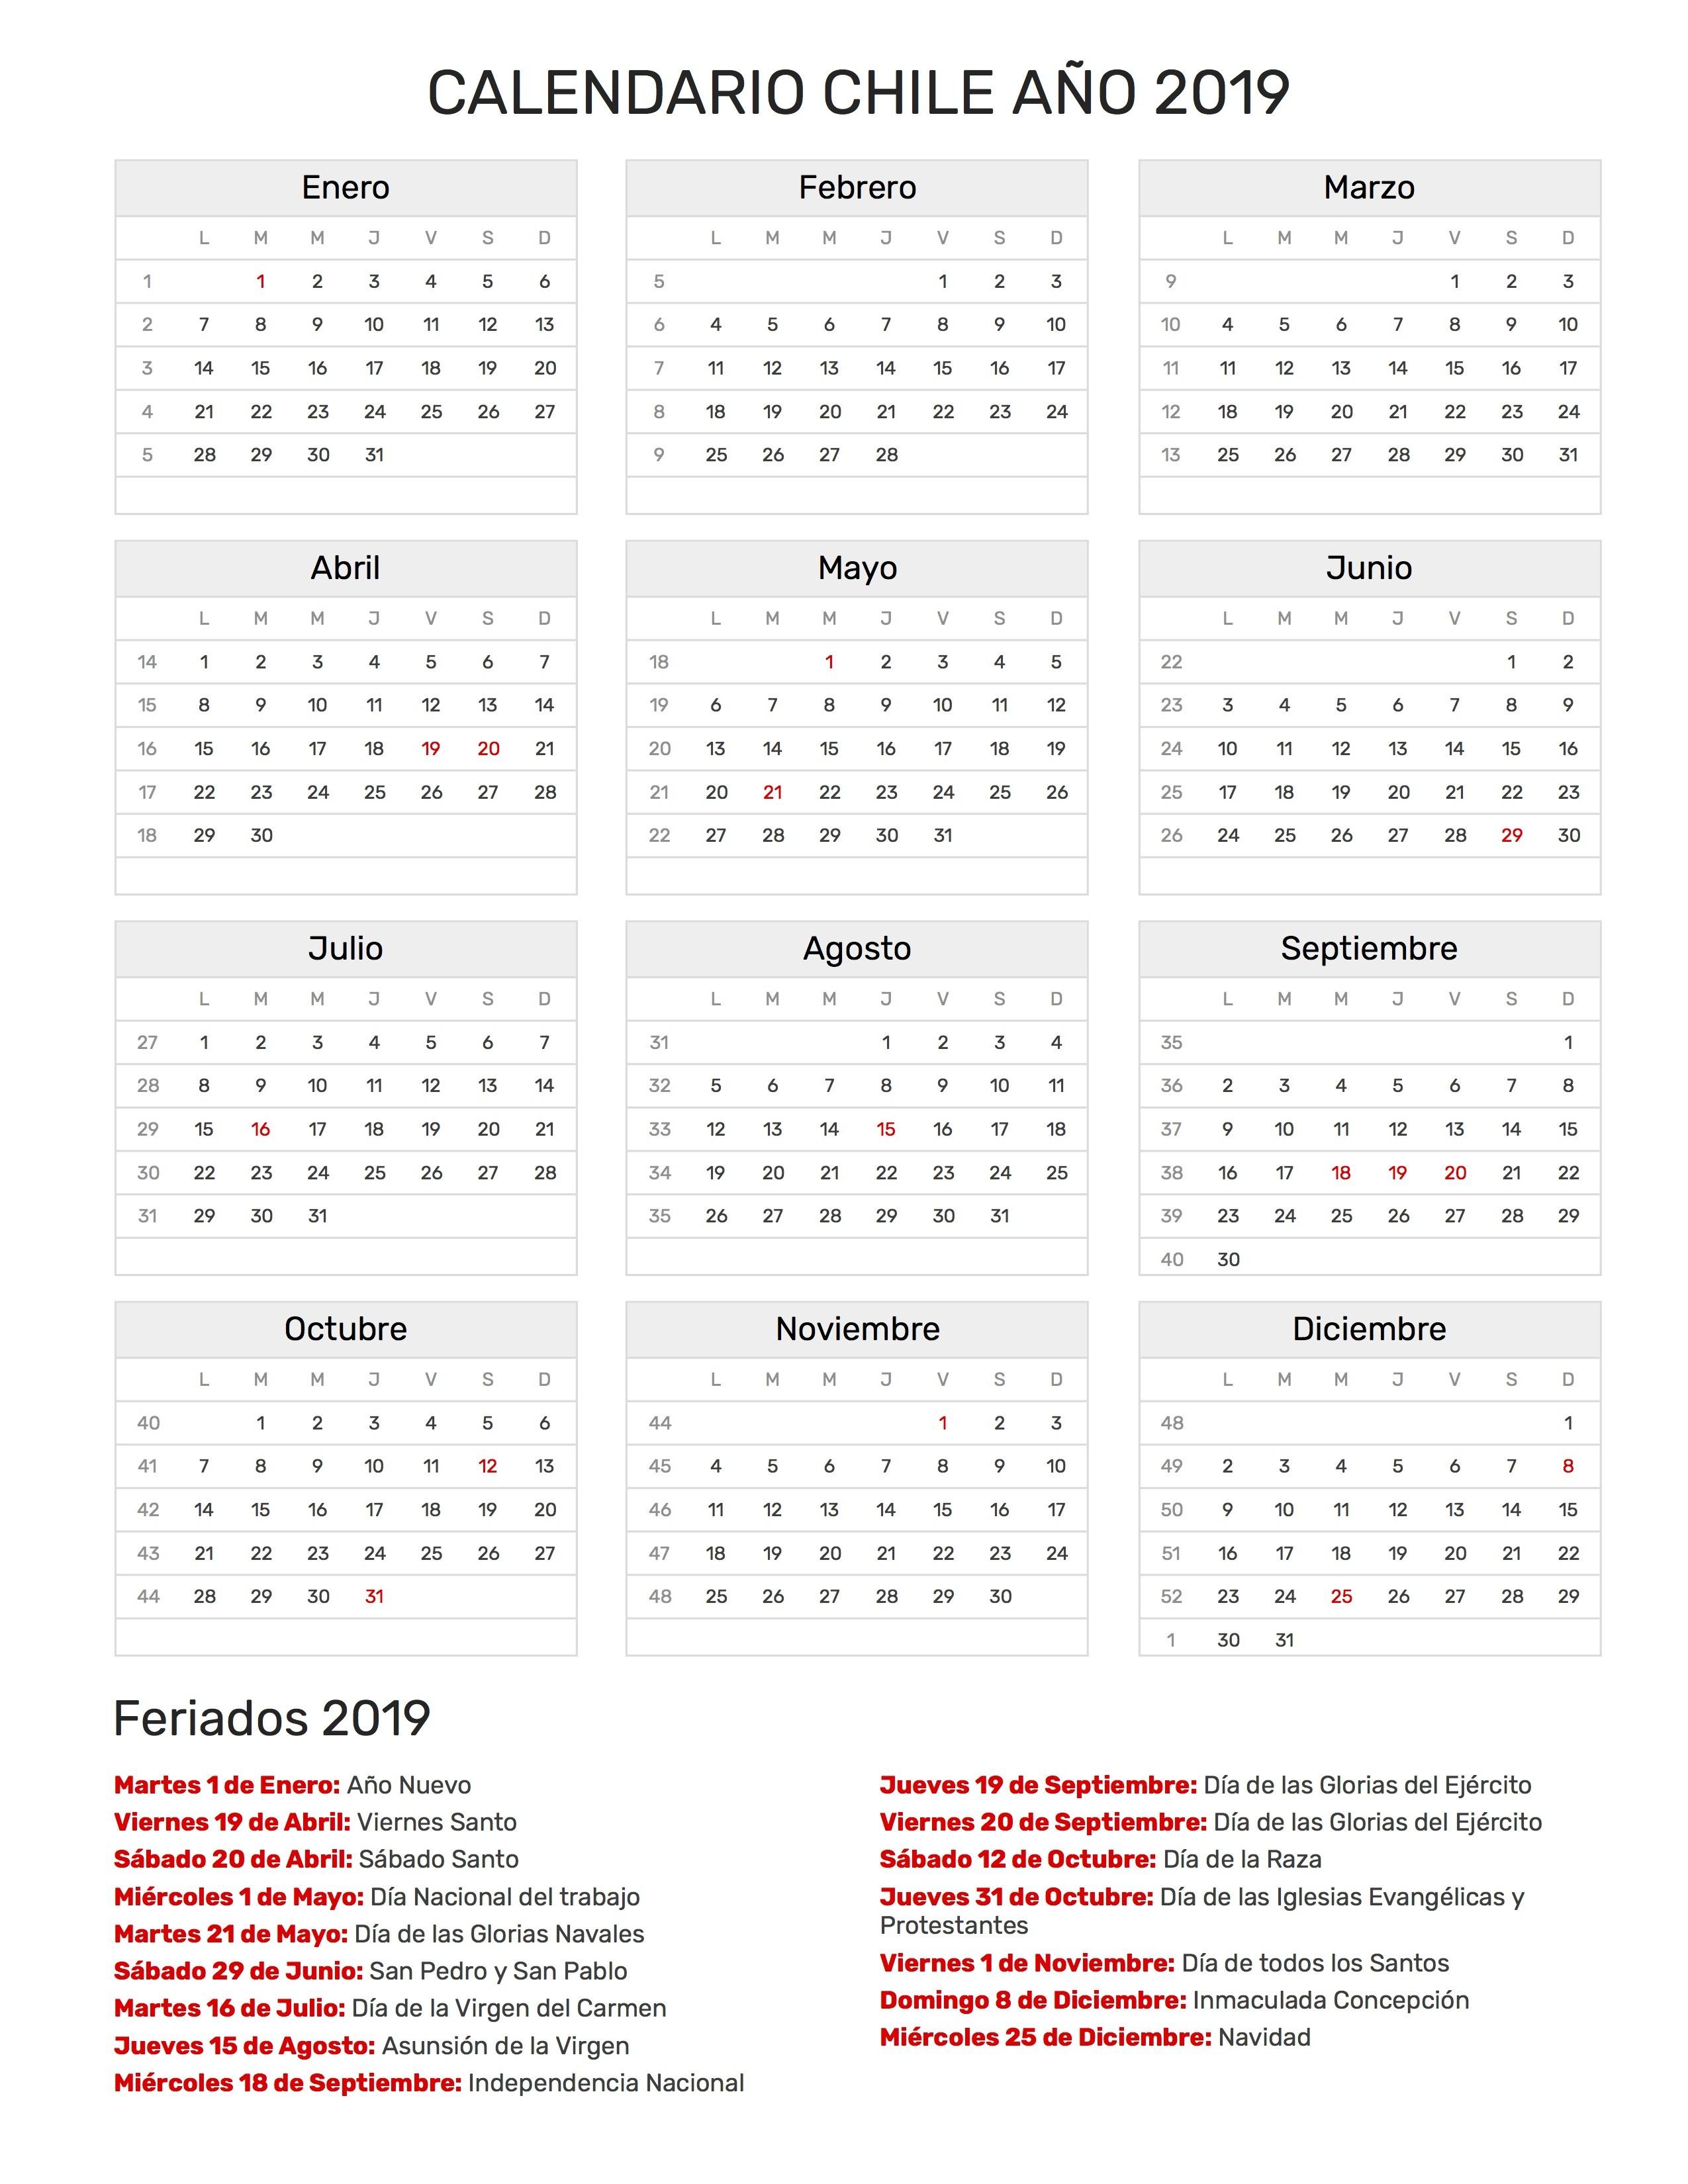 Calendario Noviembre 2019 Argentina Para Imprimir Más Recientes Calendario Chile A±o 2019 Of Calendario Noviembre 2019 Argentina Para Imprimir Más Actual Custom Editable Free Printable 2019 Calendars